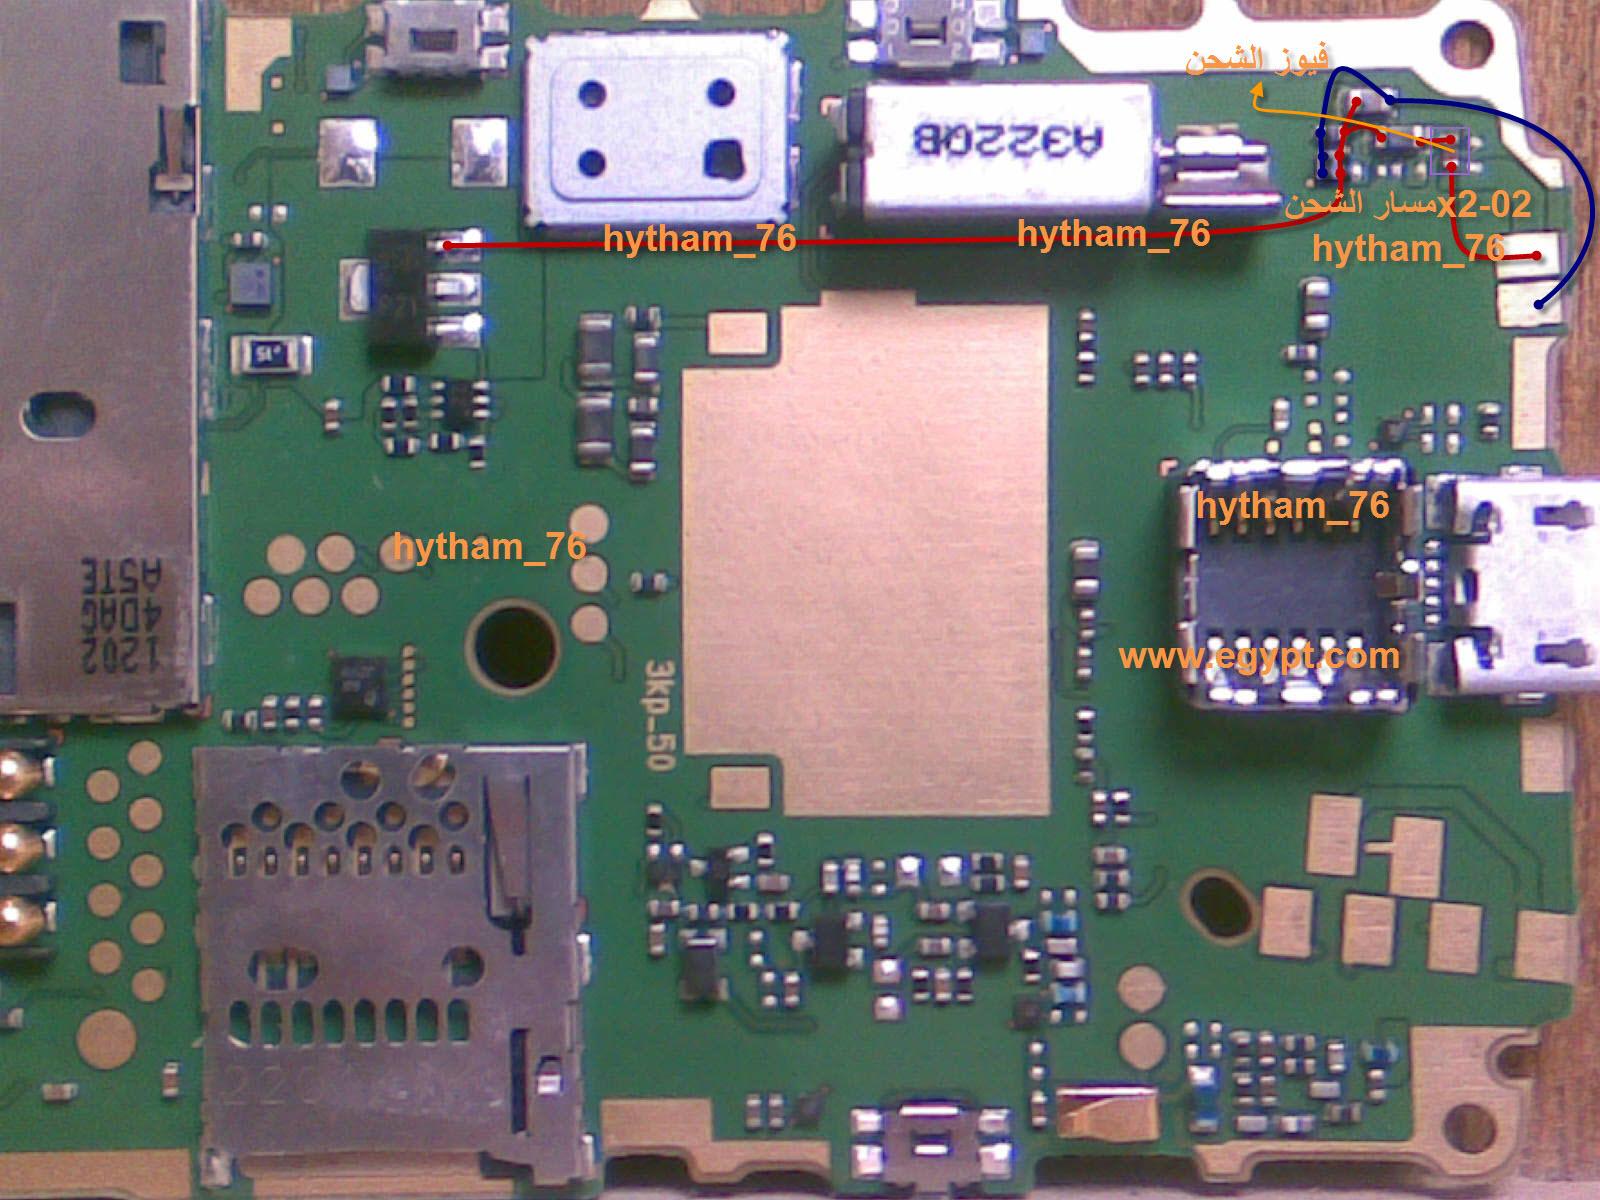 جميع اعطال جهاز x2-02 بالصور 44299771100548406567.jpg